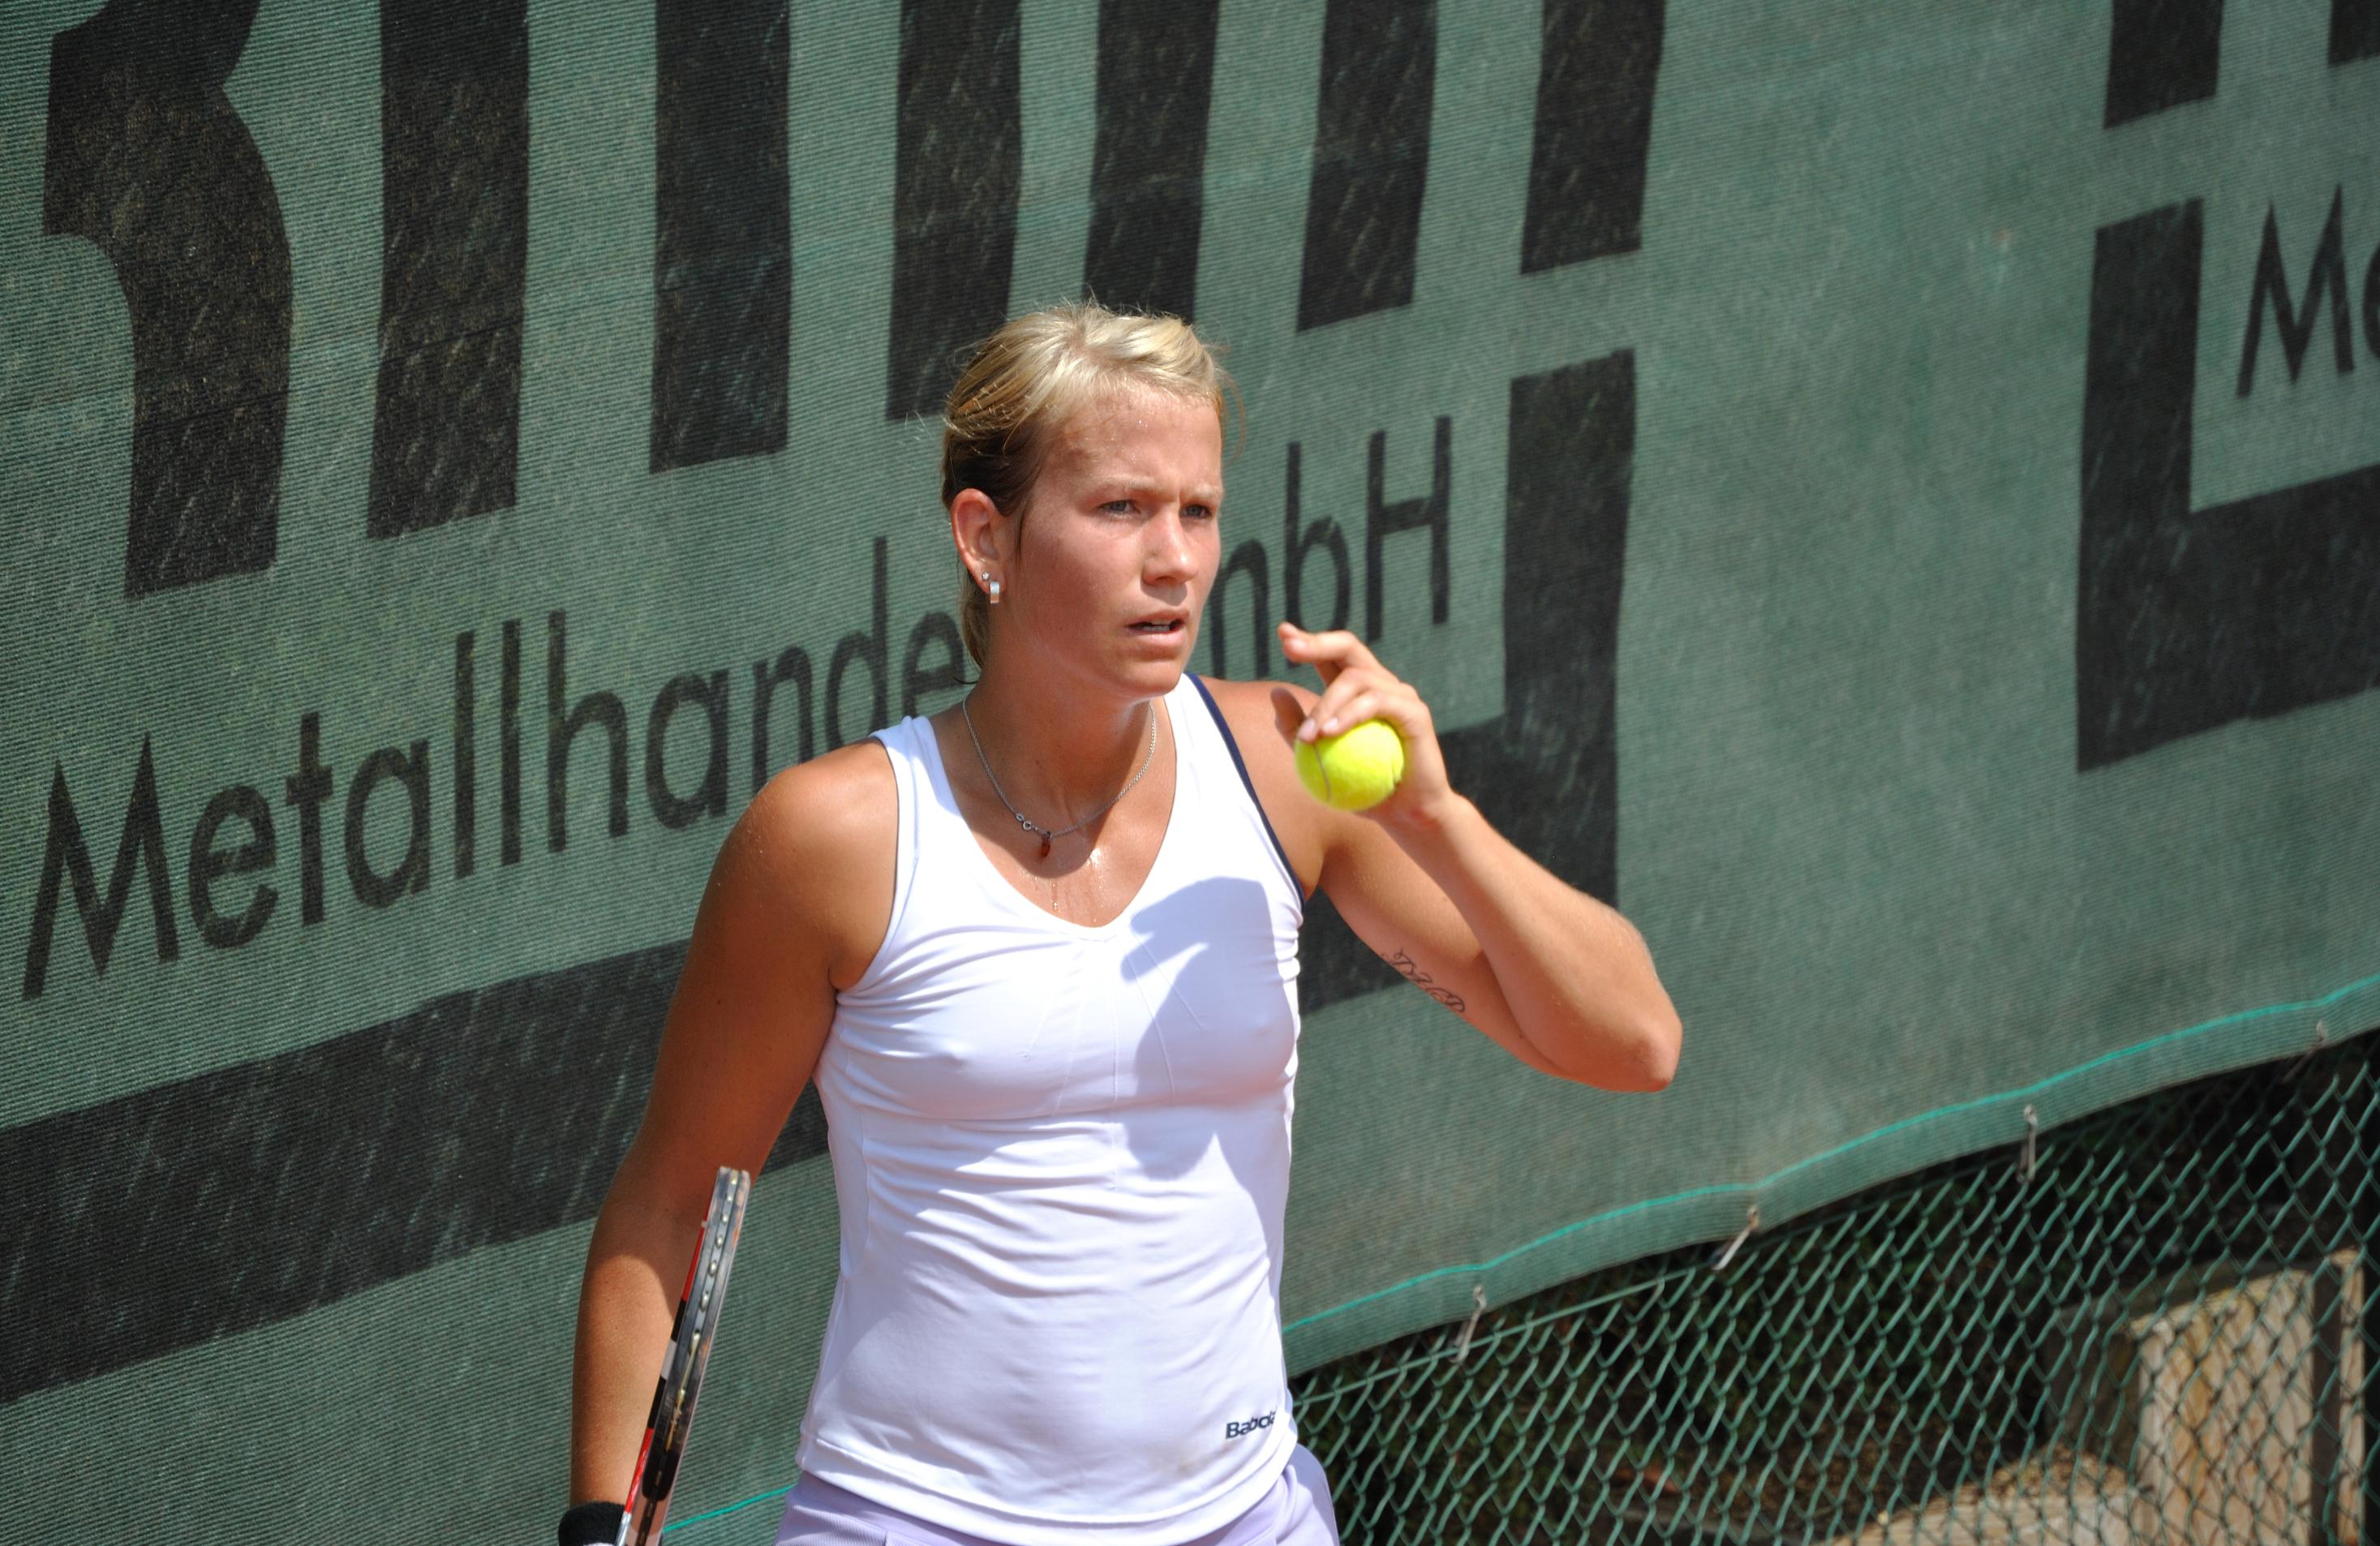 2 bundesliga damen tennis